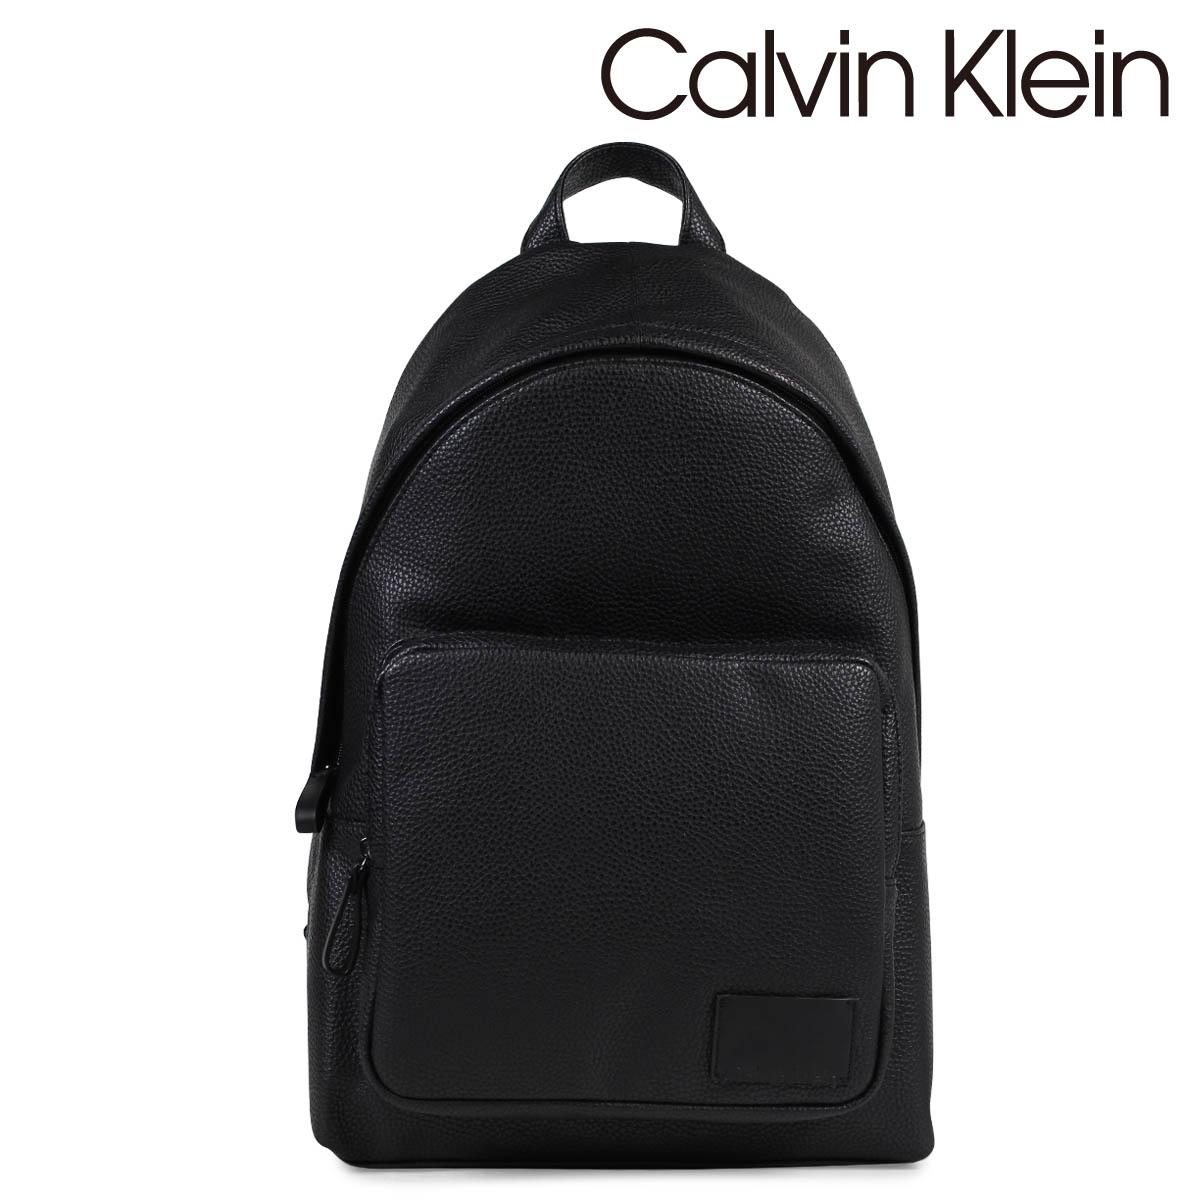 calvin klein online shop